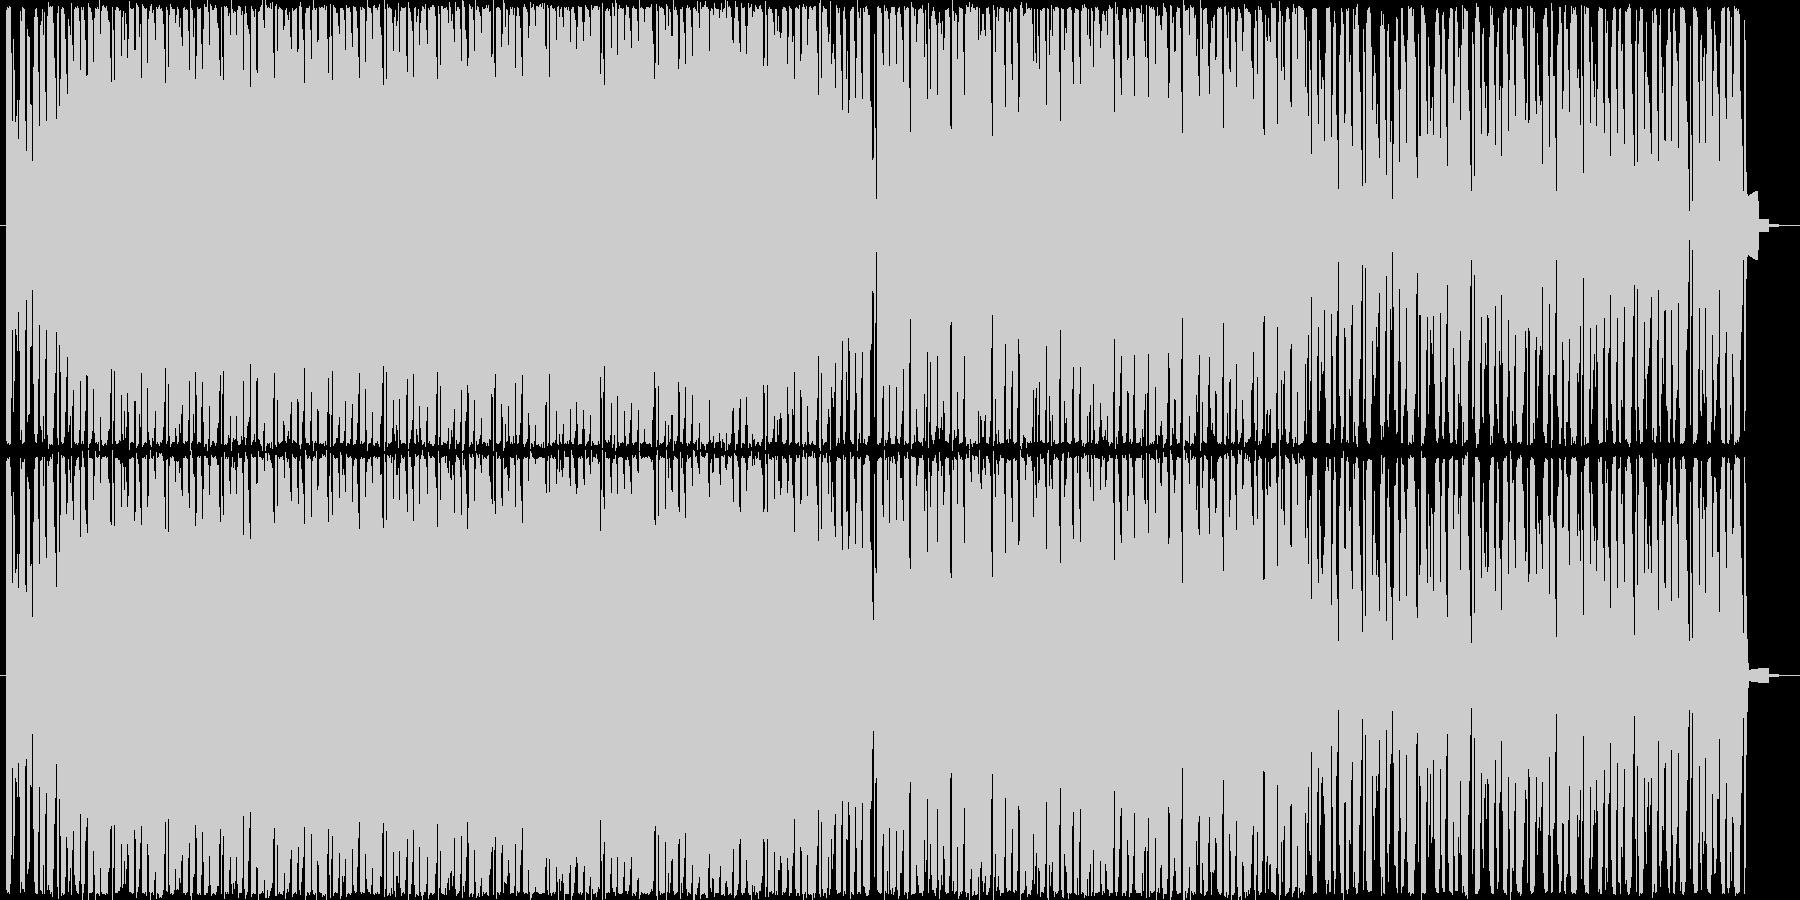 サイレン音を使用したループ音源の未再生の波形